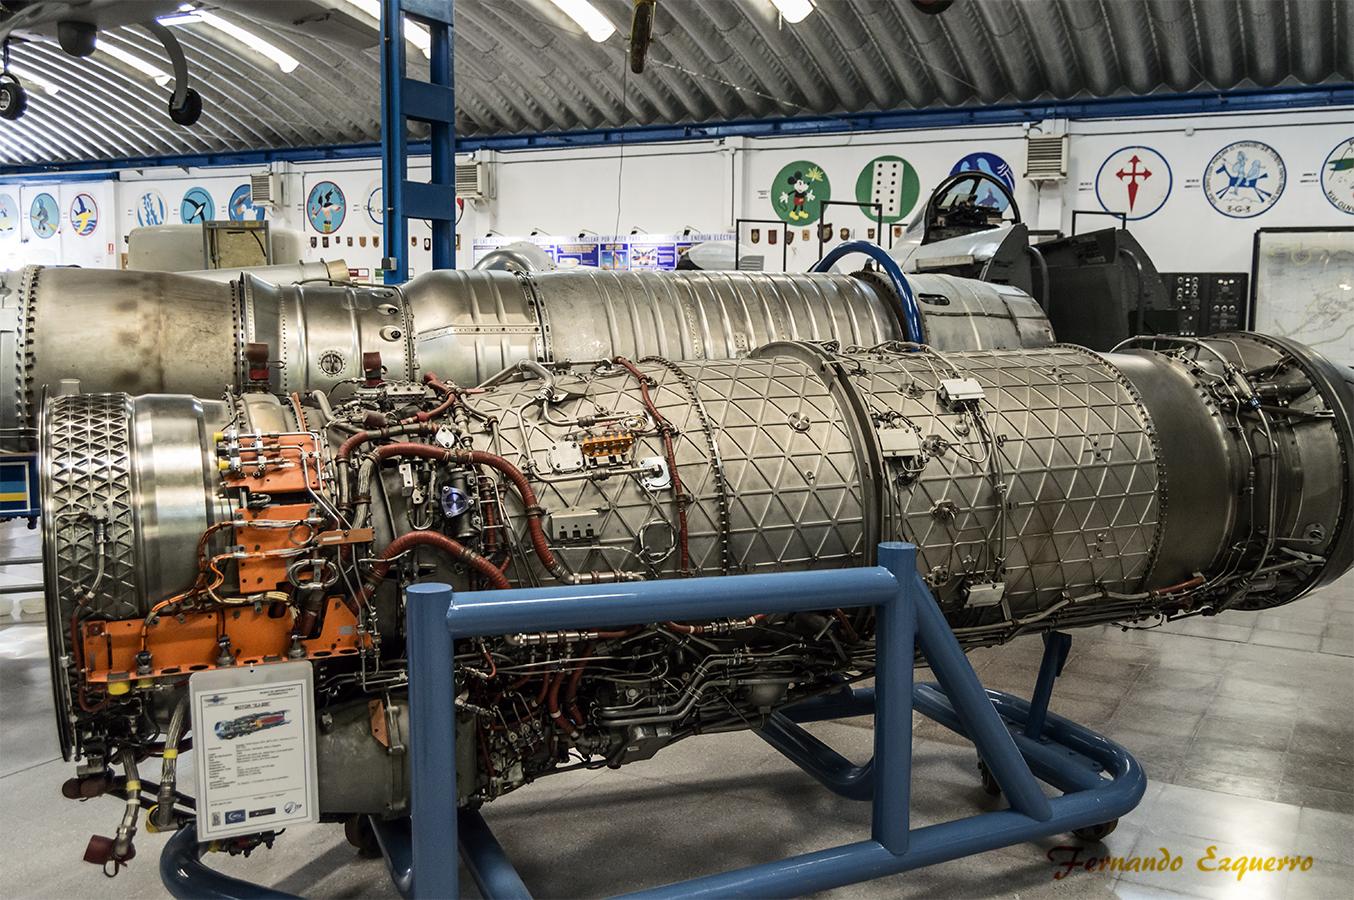 Motor Eurojet EJ-200